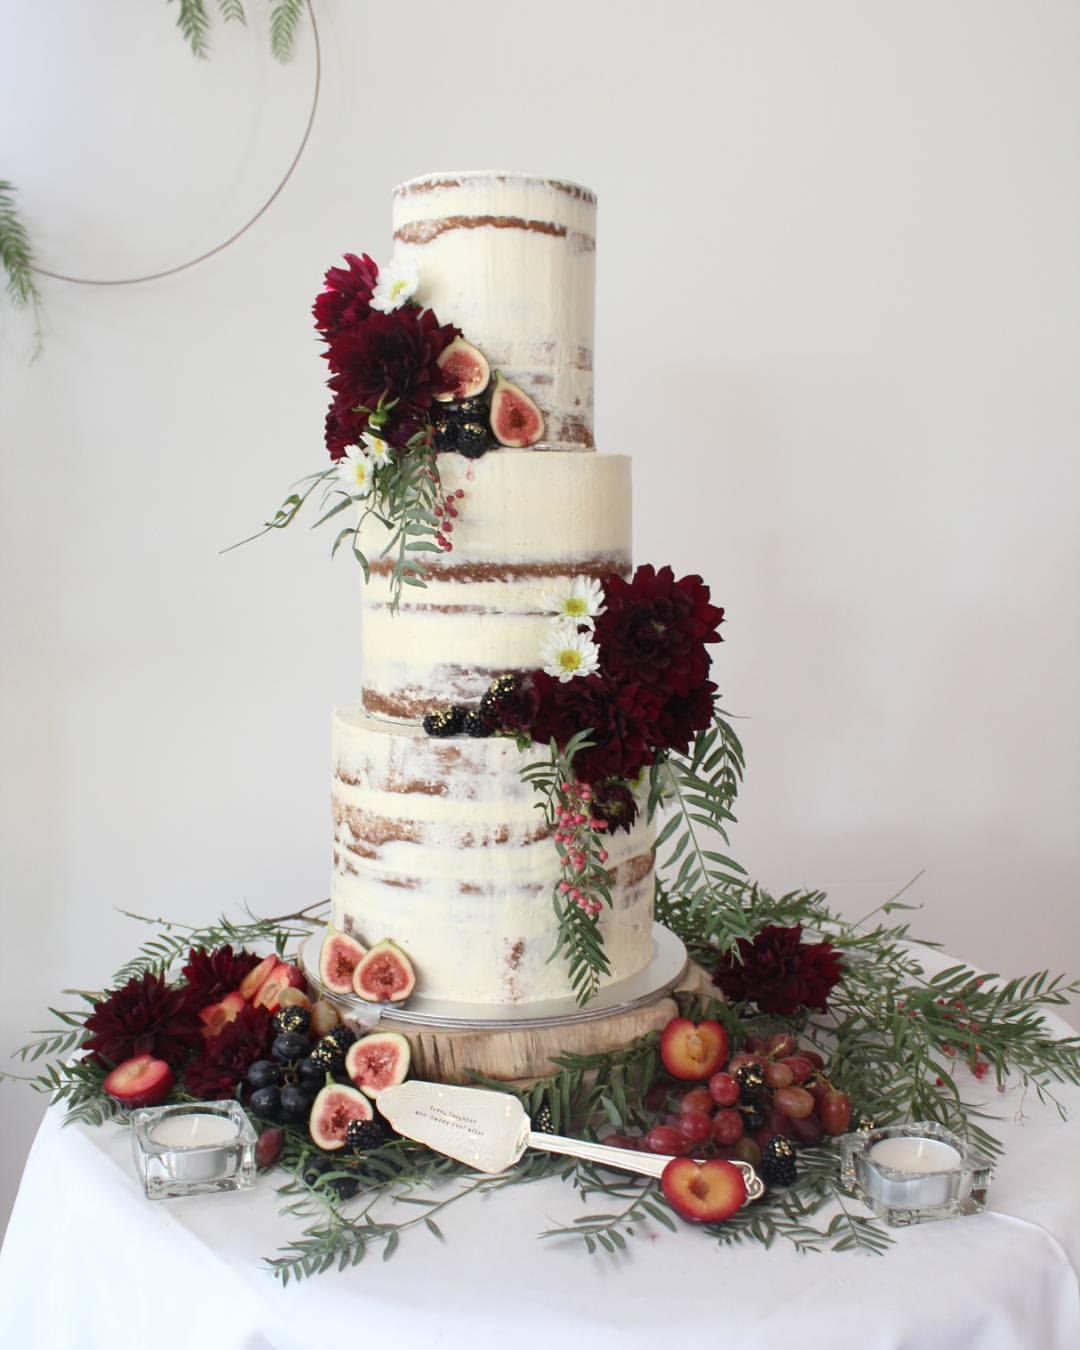 canberra wedding cake designer